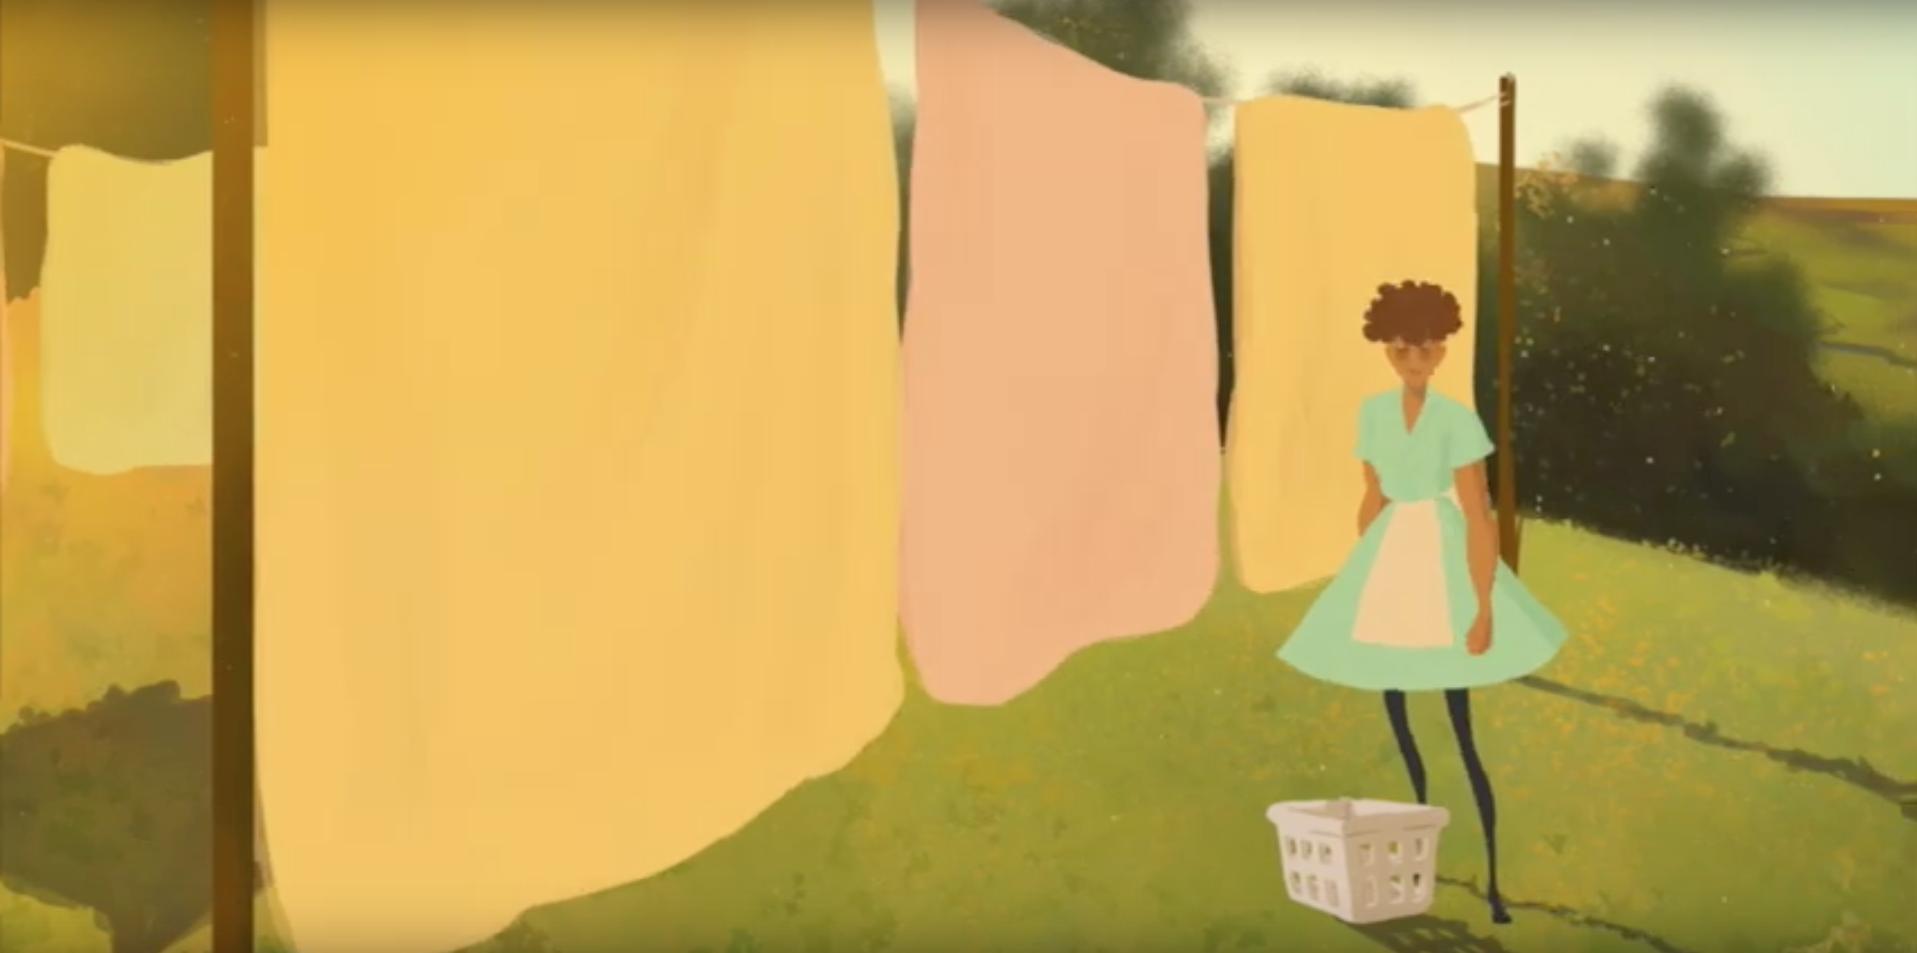 Projet de fin d'étude prépa animation et game - Eurêka ECV Aix-en-Provence